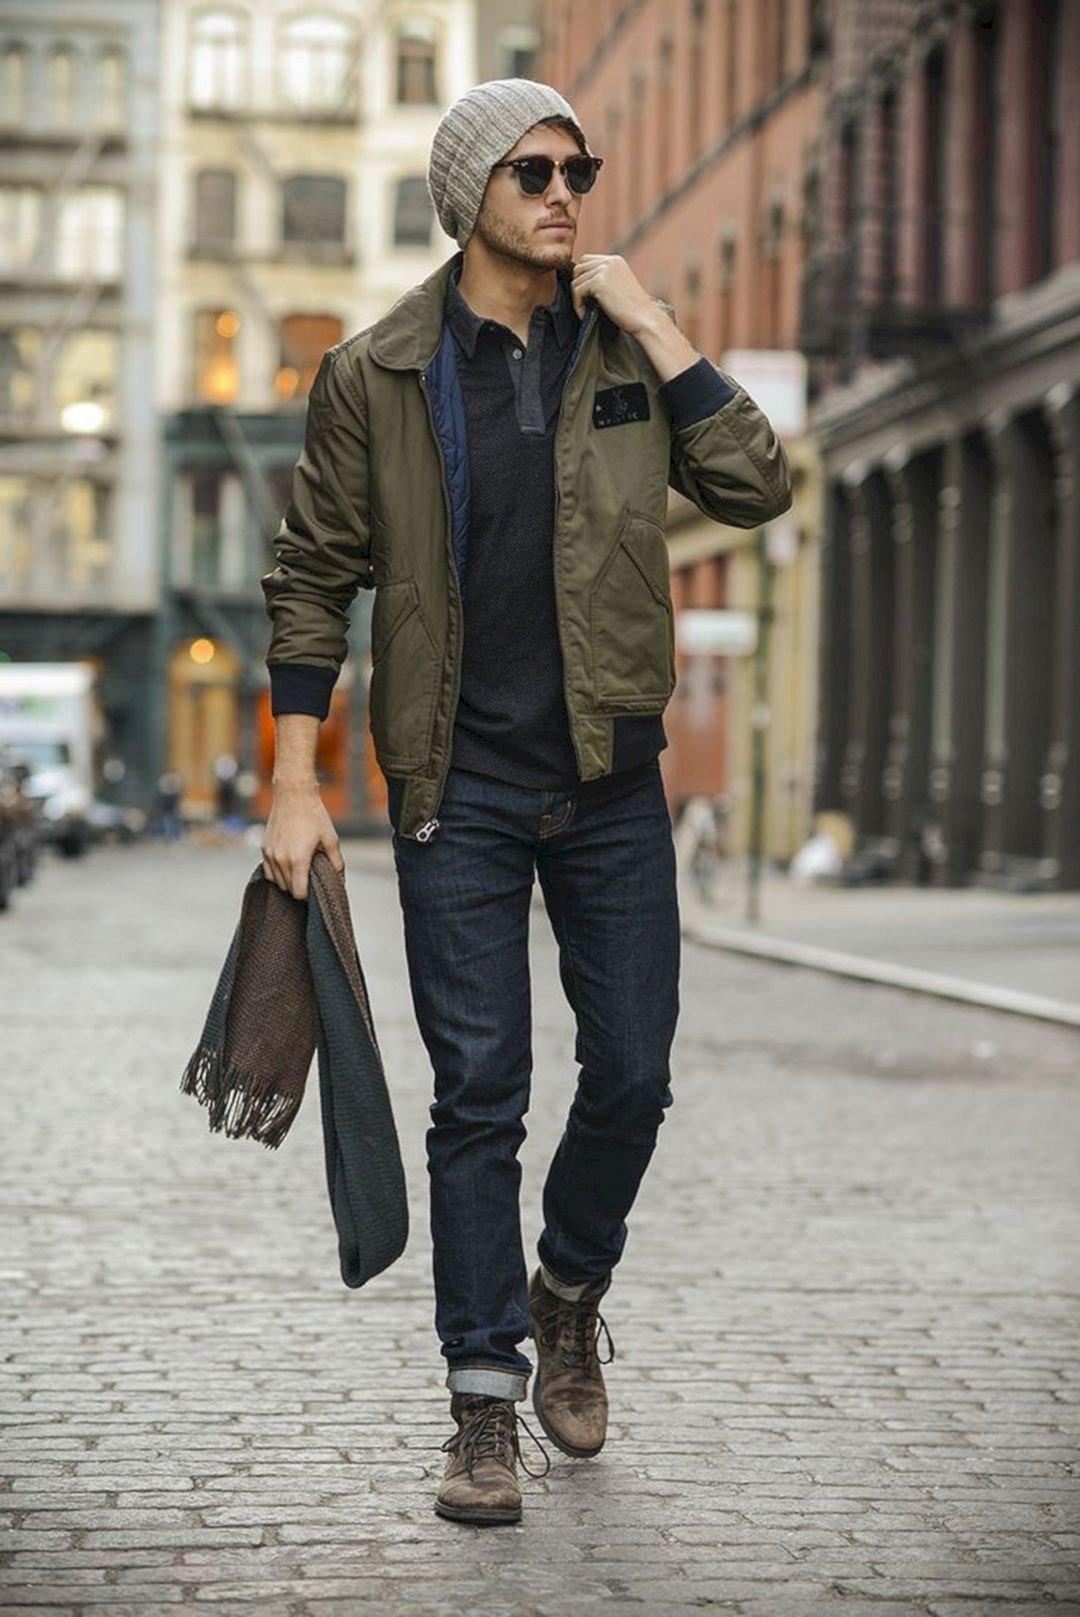 мою как модно одеваться мужчине фото характер, судьбу окружение